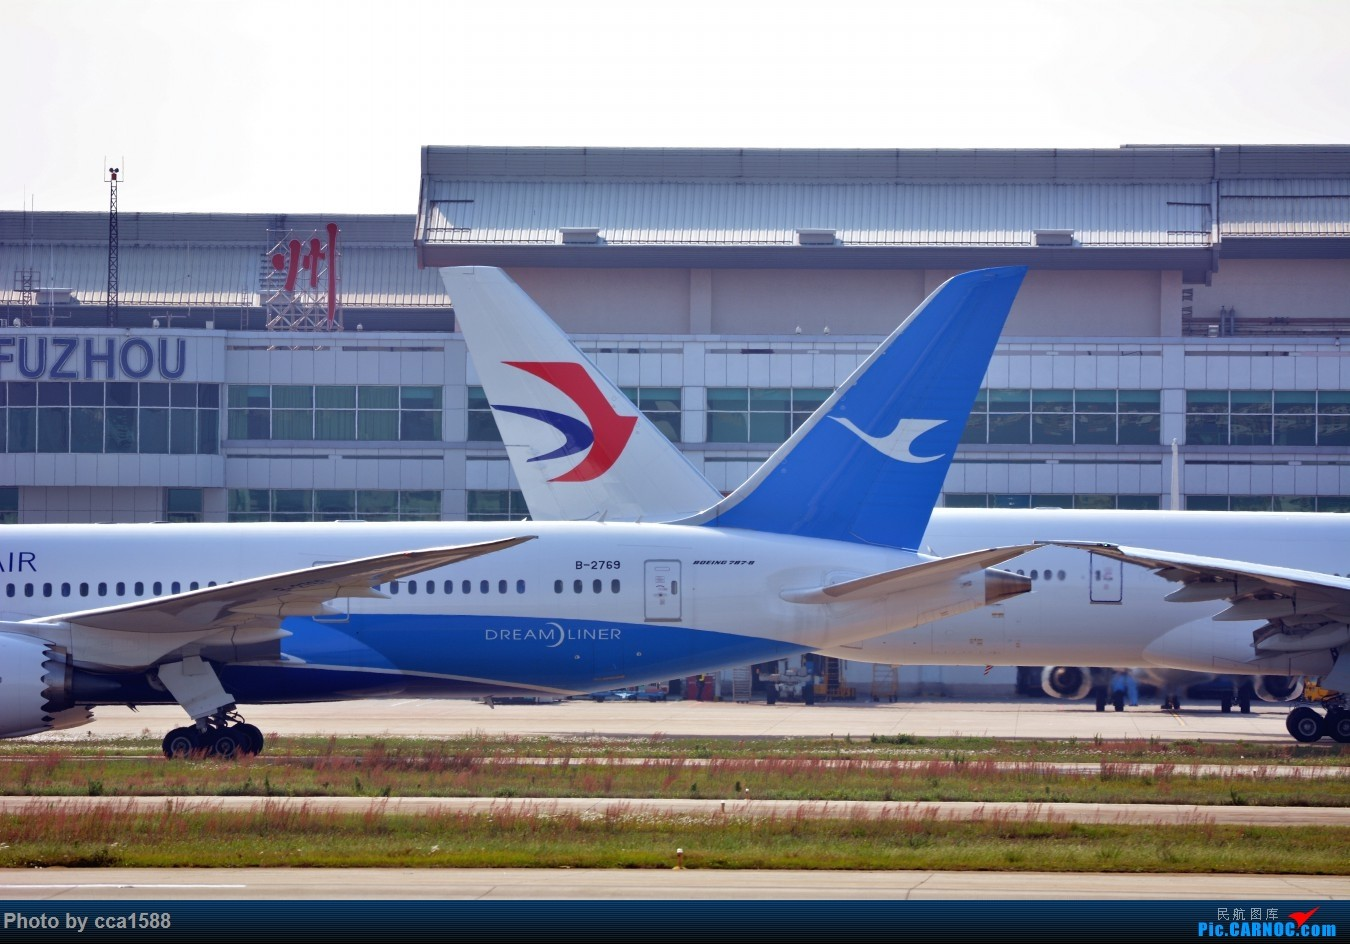 """Re:[原创]【福州飞友会】庆祝""""太空""""回归,一起嗨起来吧~! BOEING 787-8 B-2769 中国福州长乐国际机场"""